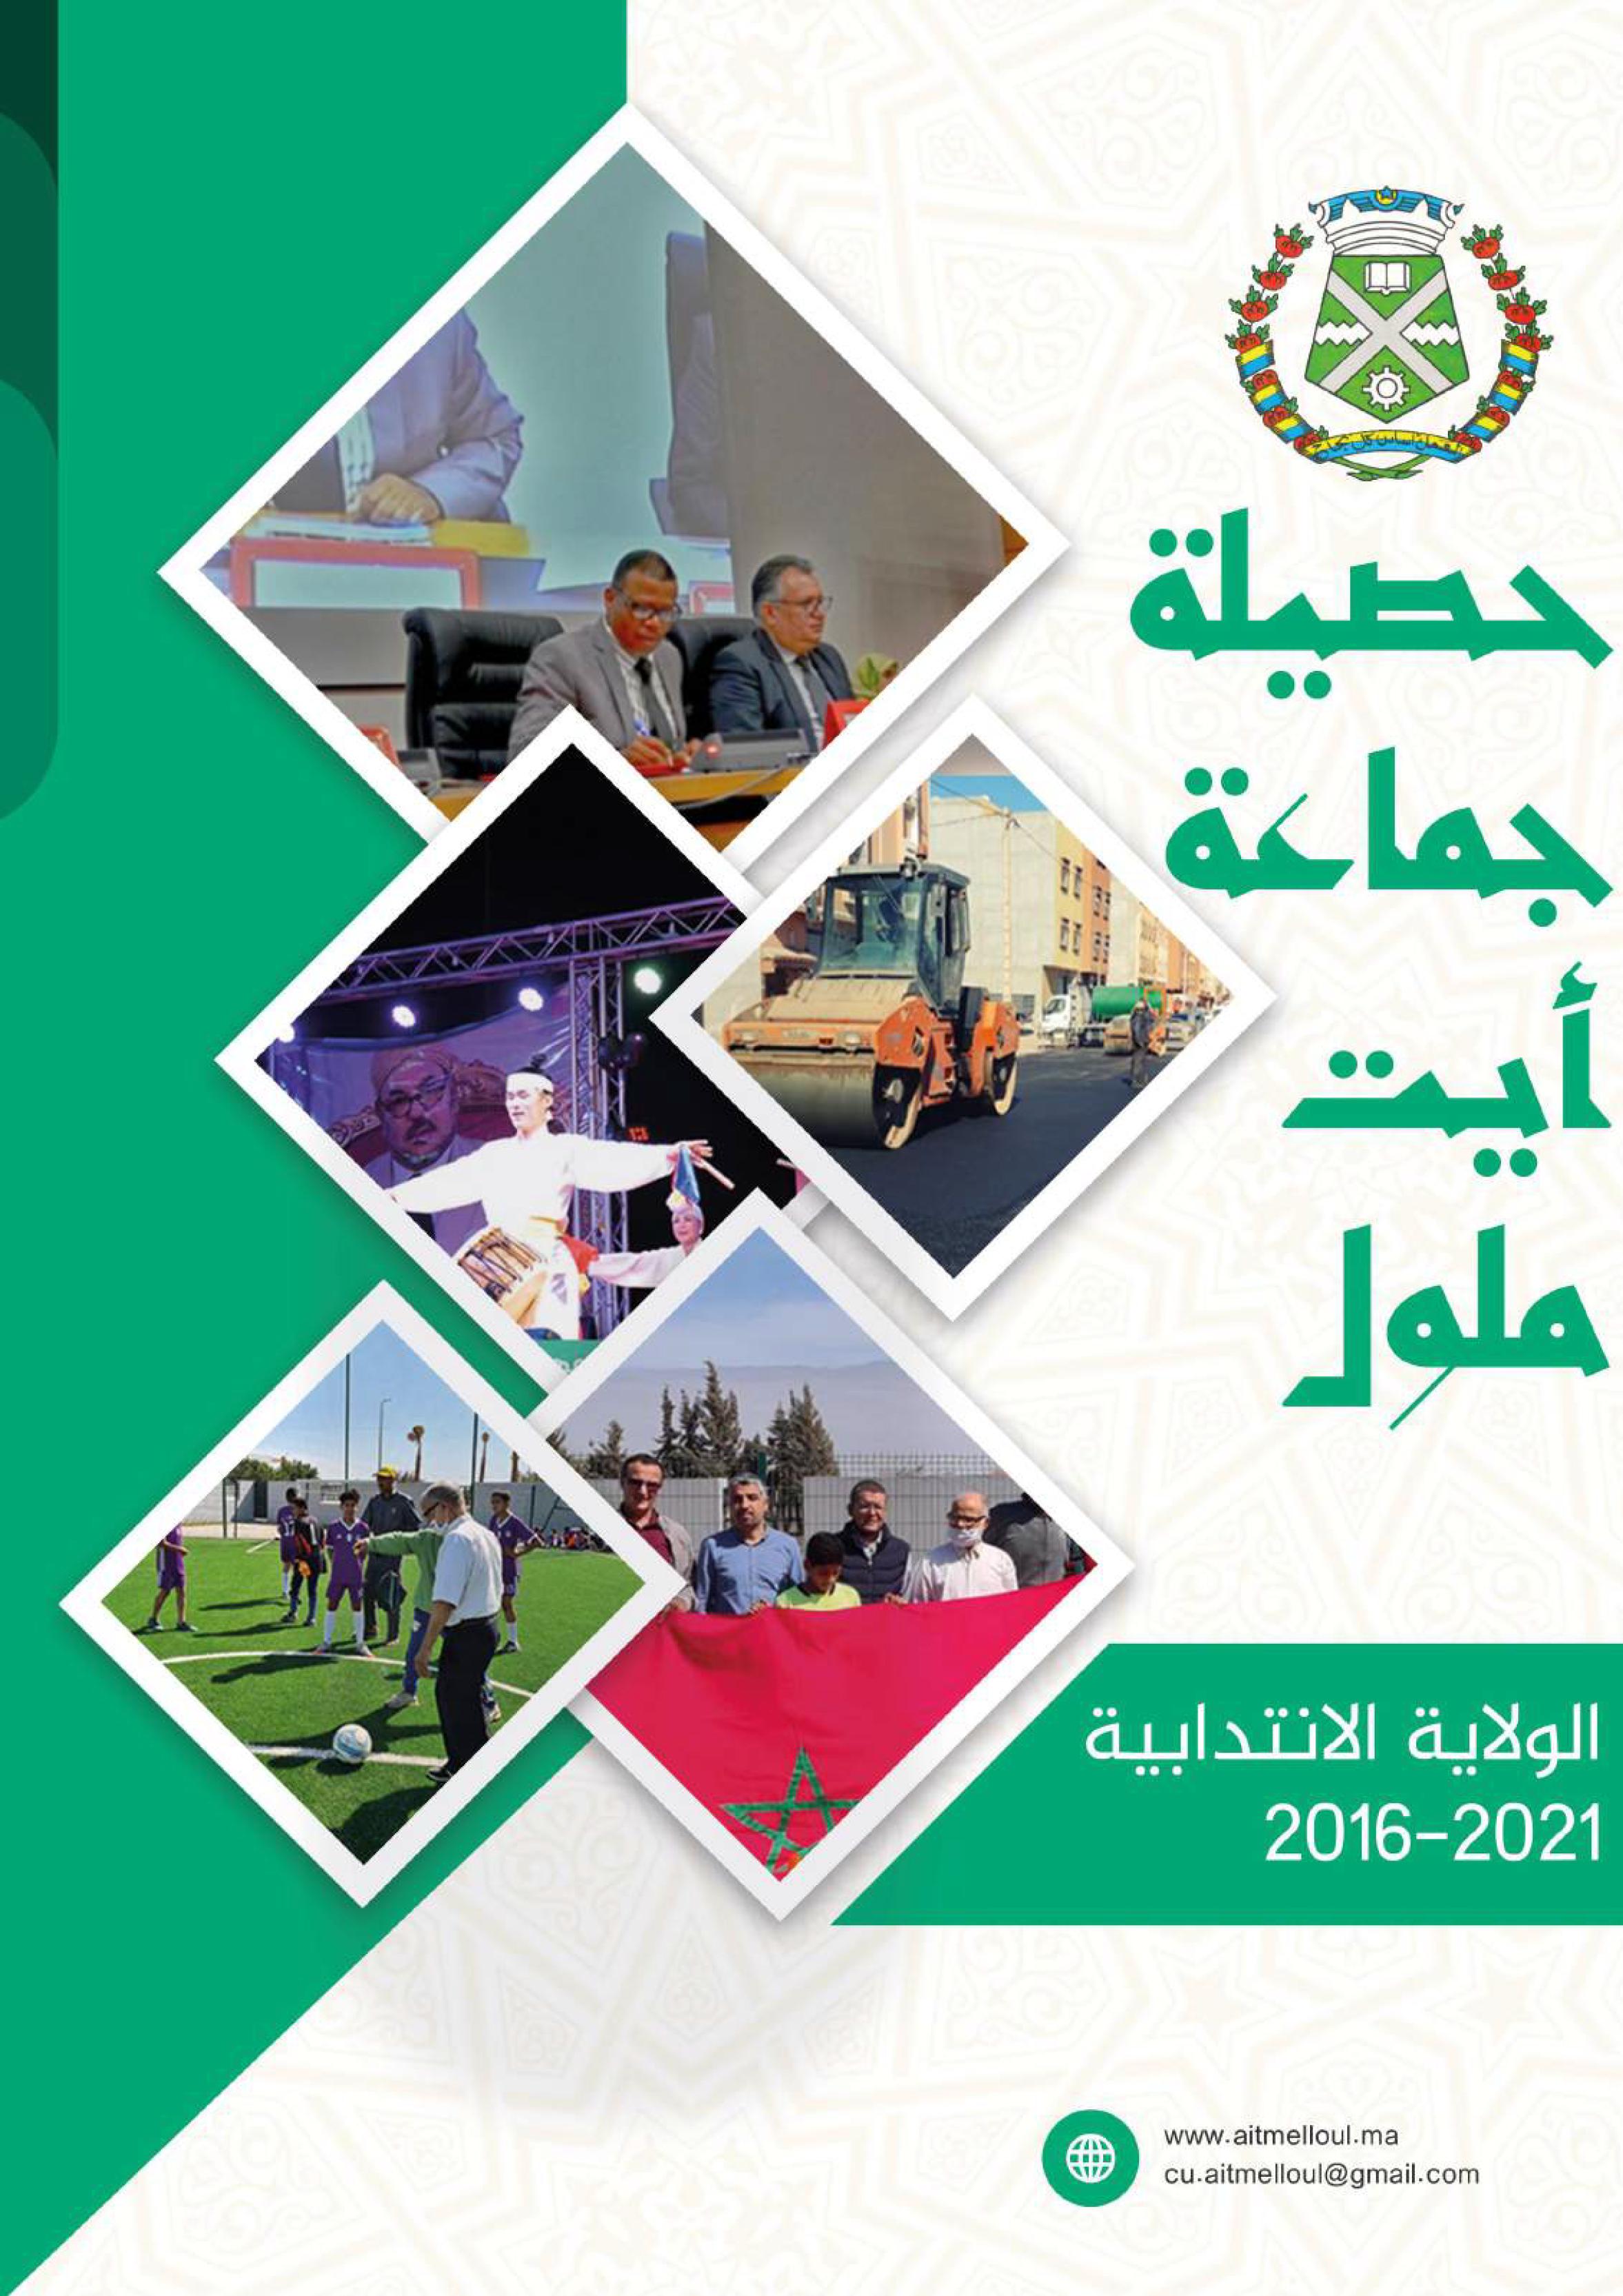 حصيلة جماعة أيت ملول - الولاية الإنتدابية  2021/2016